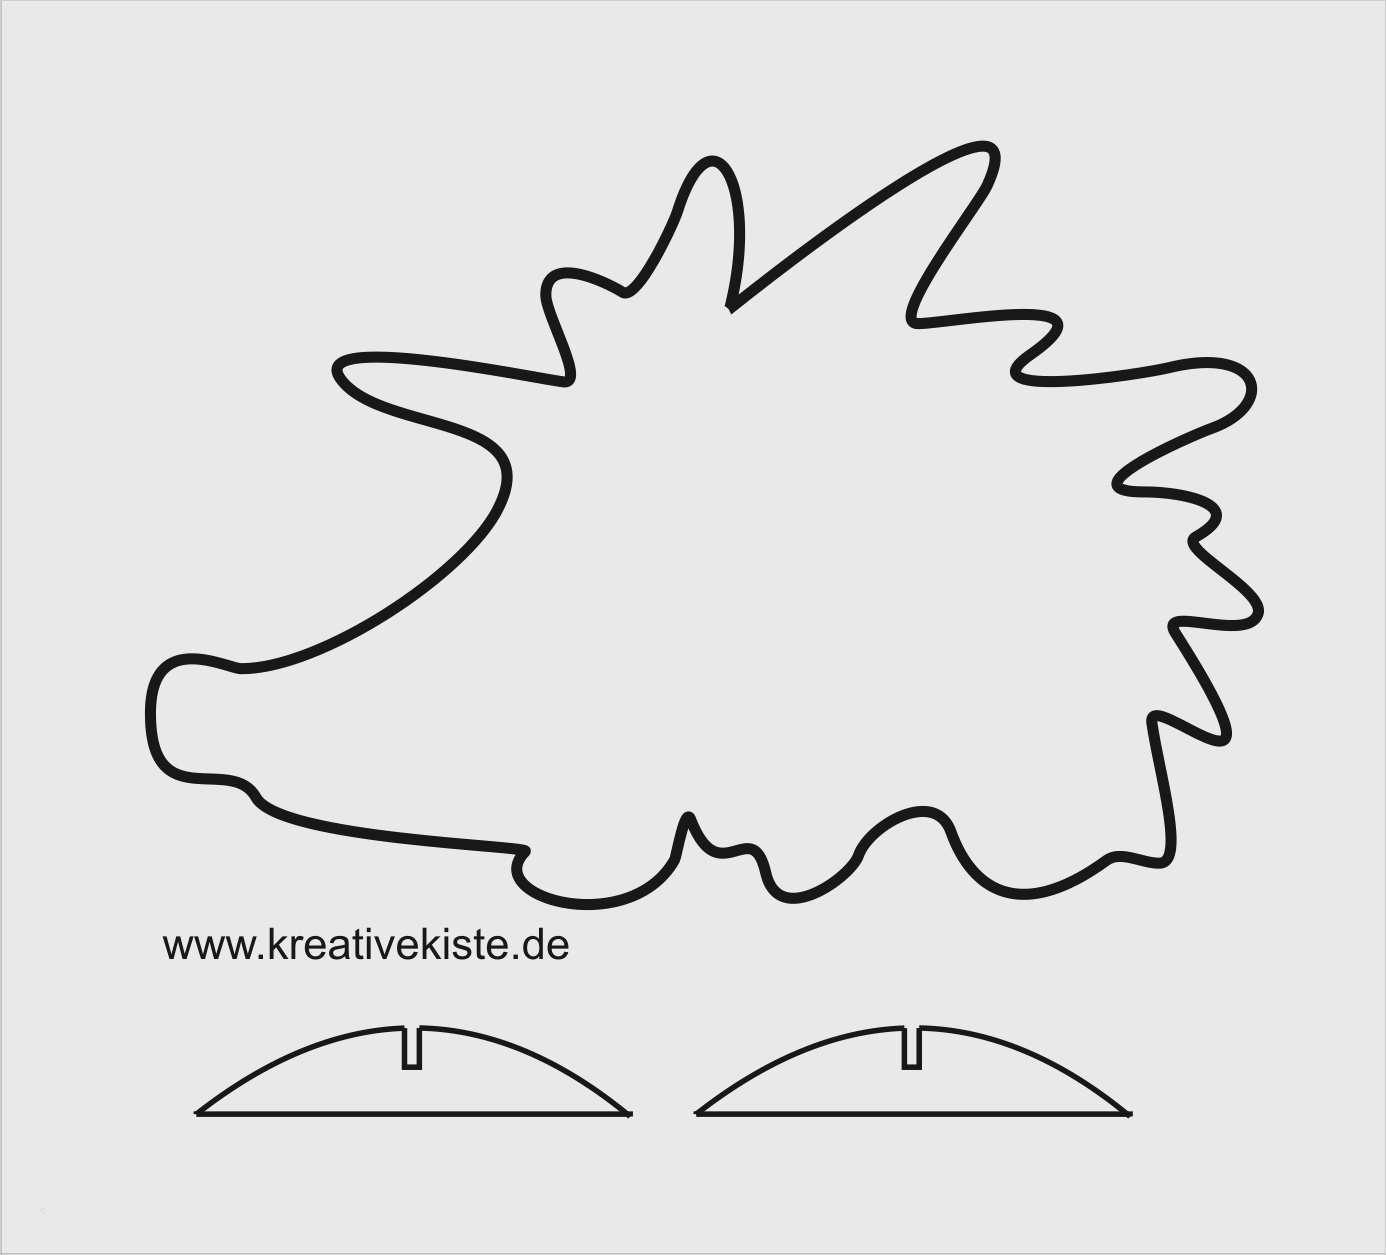 Cool Igel Pompon Vorlage Solche Können Anpassen Für Ihre innen Igel Schablone